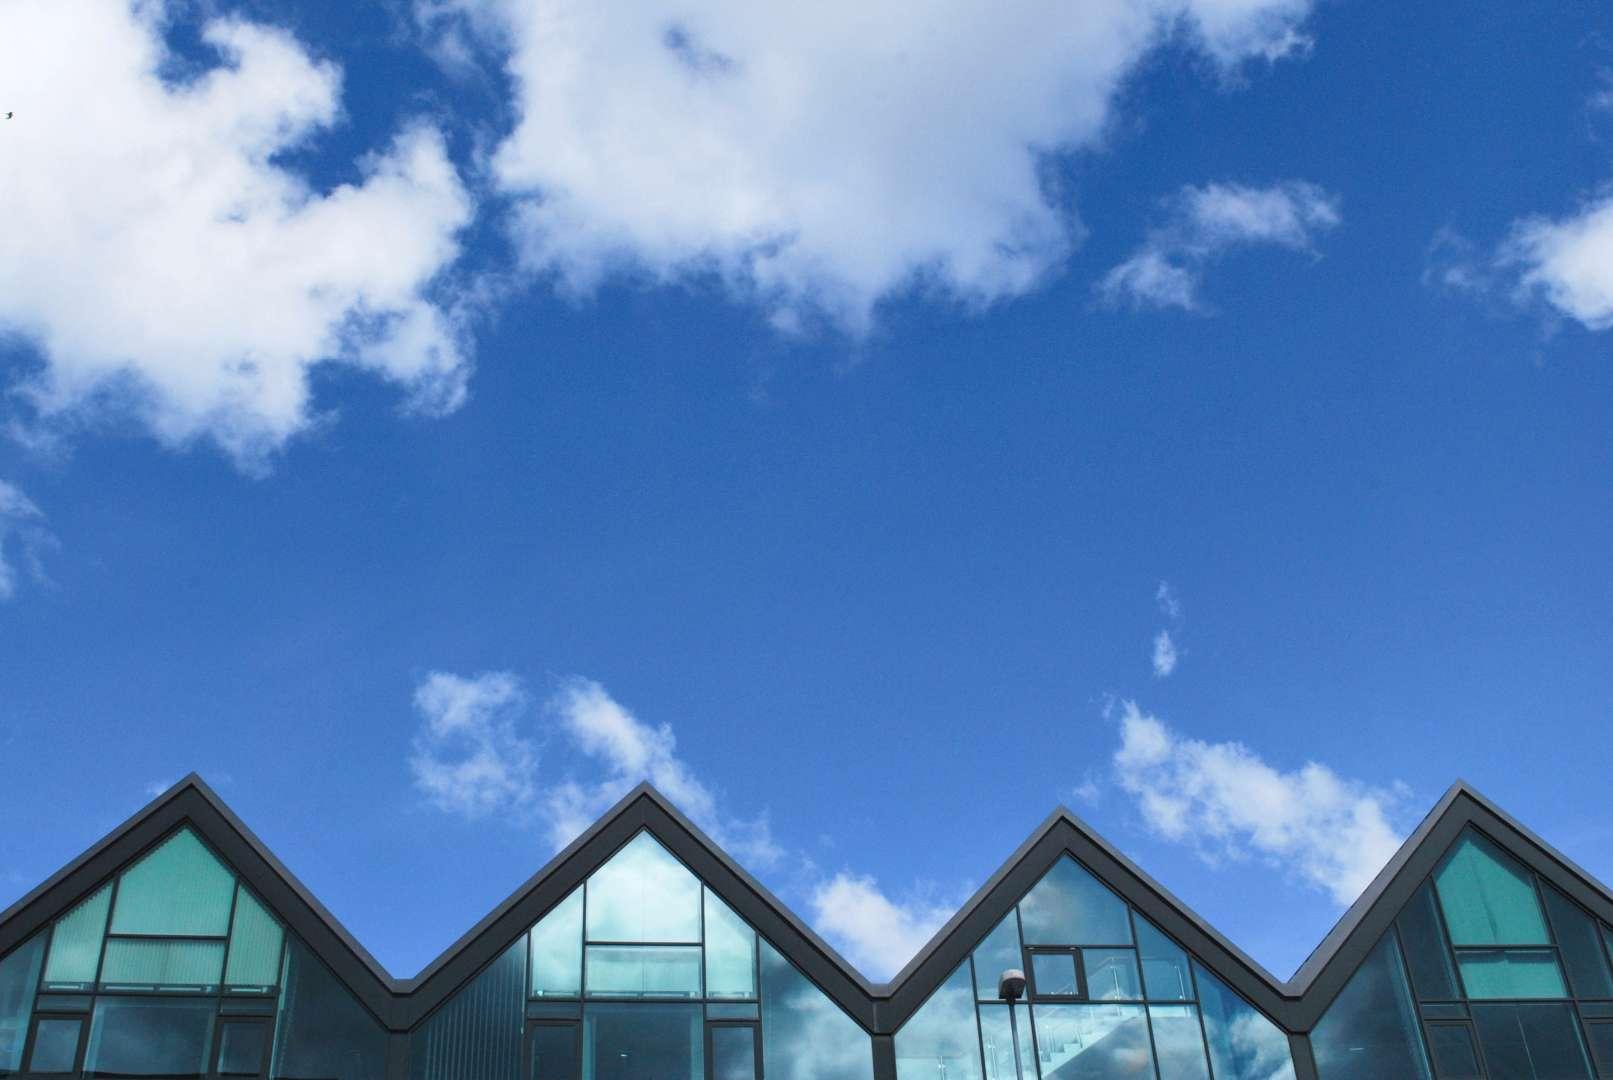 Streha ima tudi svojo izrazno moč, ki pomembno vpliva  na zunanjo podobo hiše in naselja.